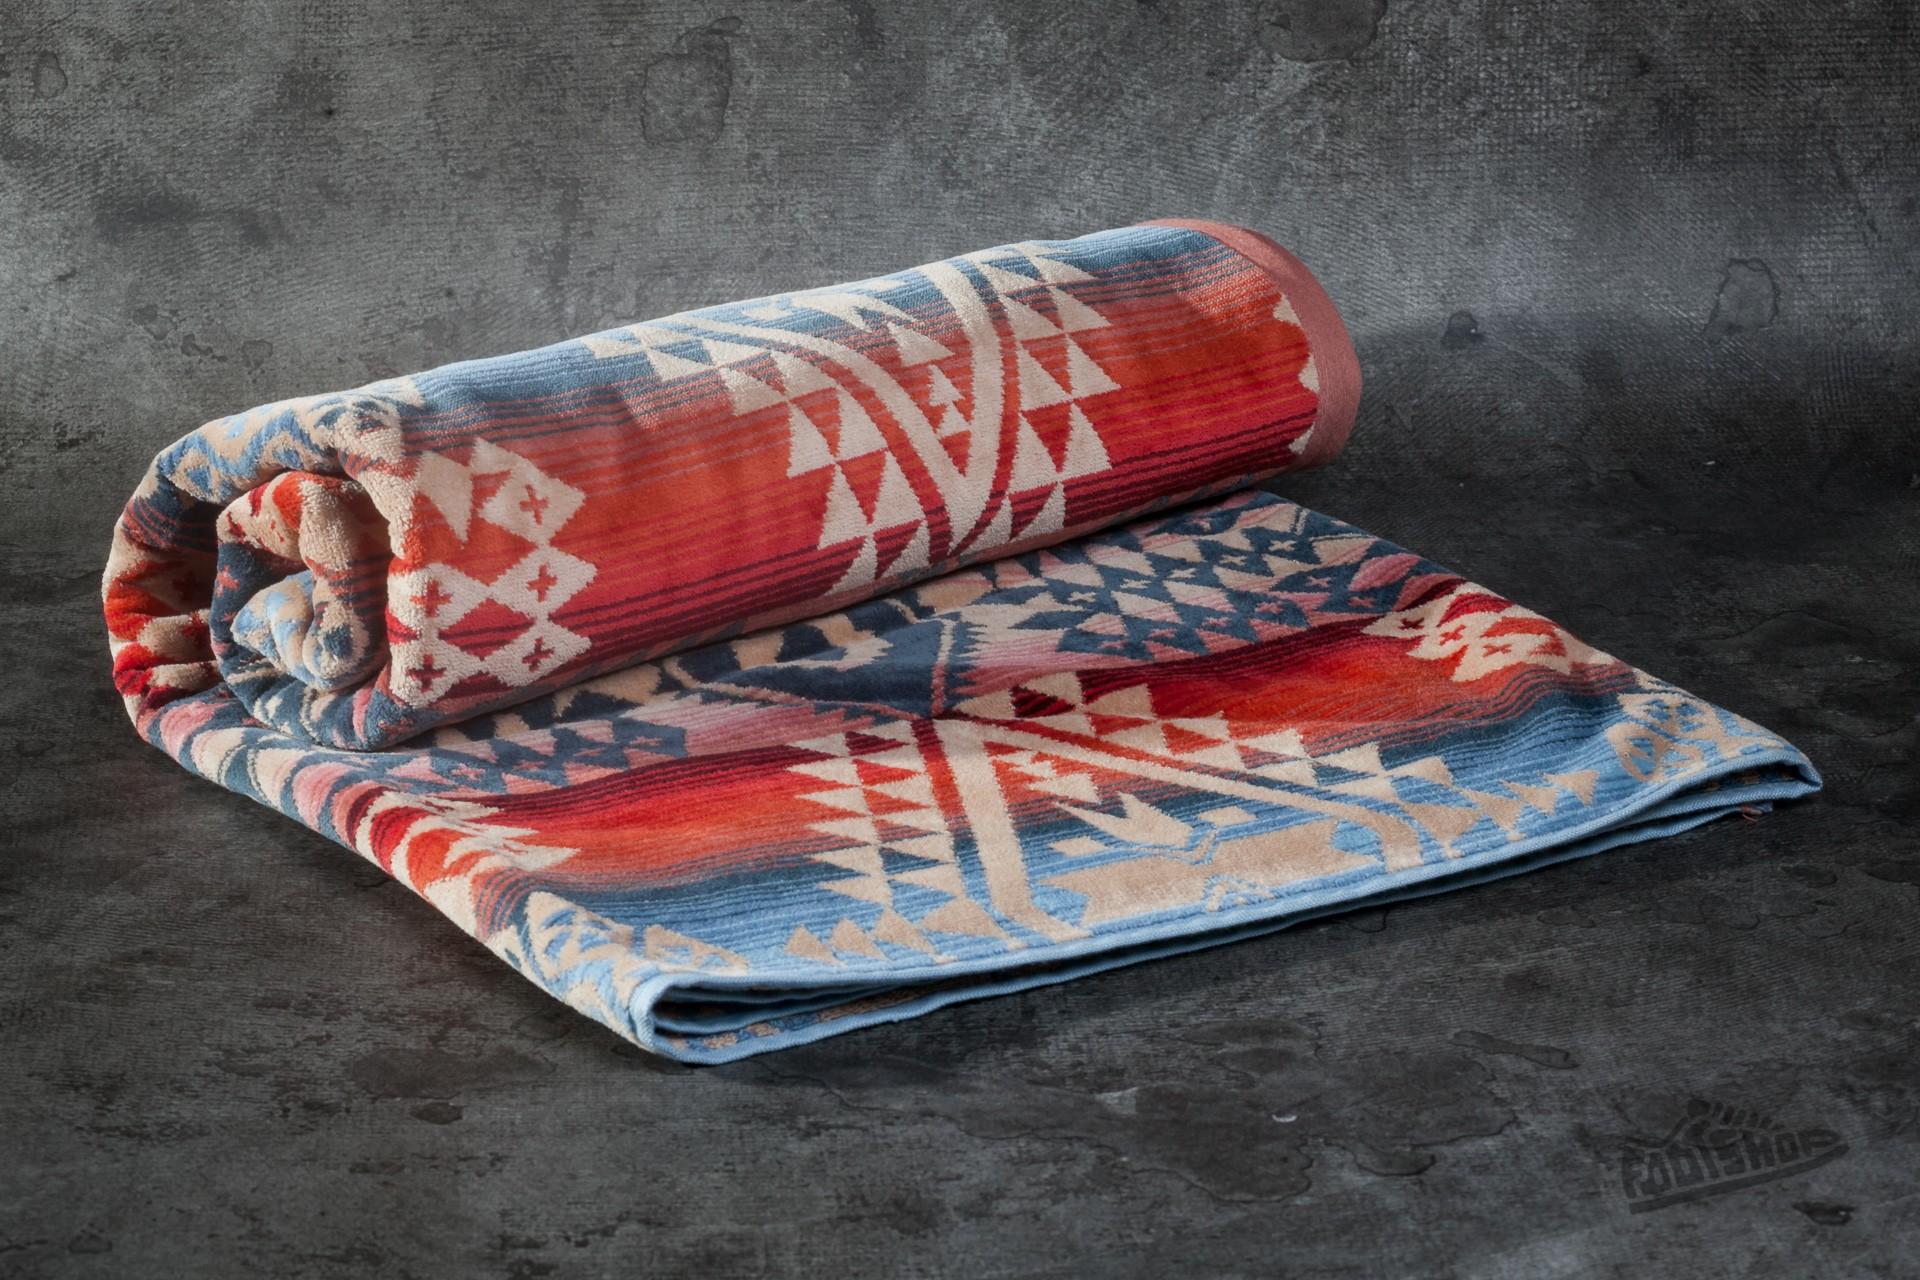 Pendleton Desert Sky (Canyonlands) Oversized Jacquard Towel za skvělou cenu 2 090 Kč koupíte na Footshop.cz